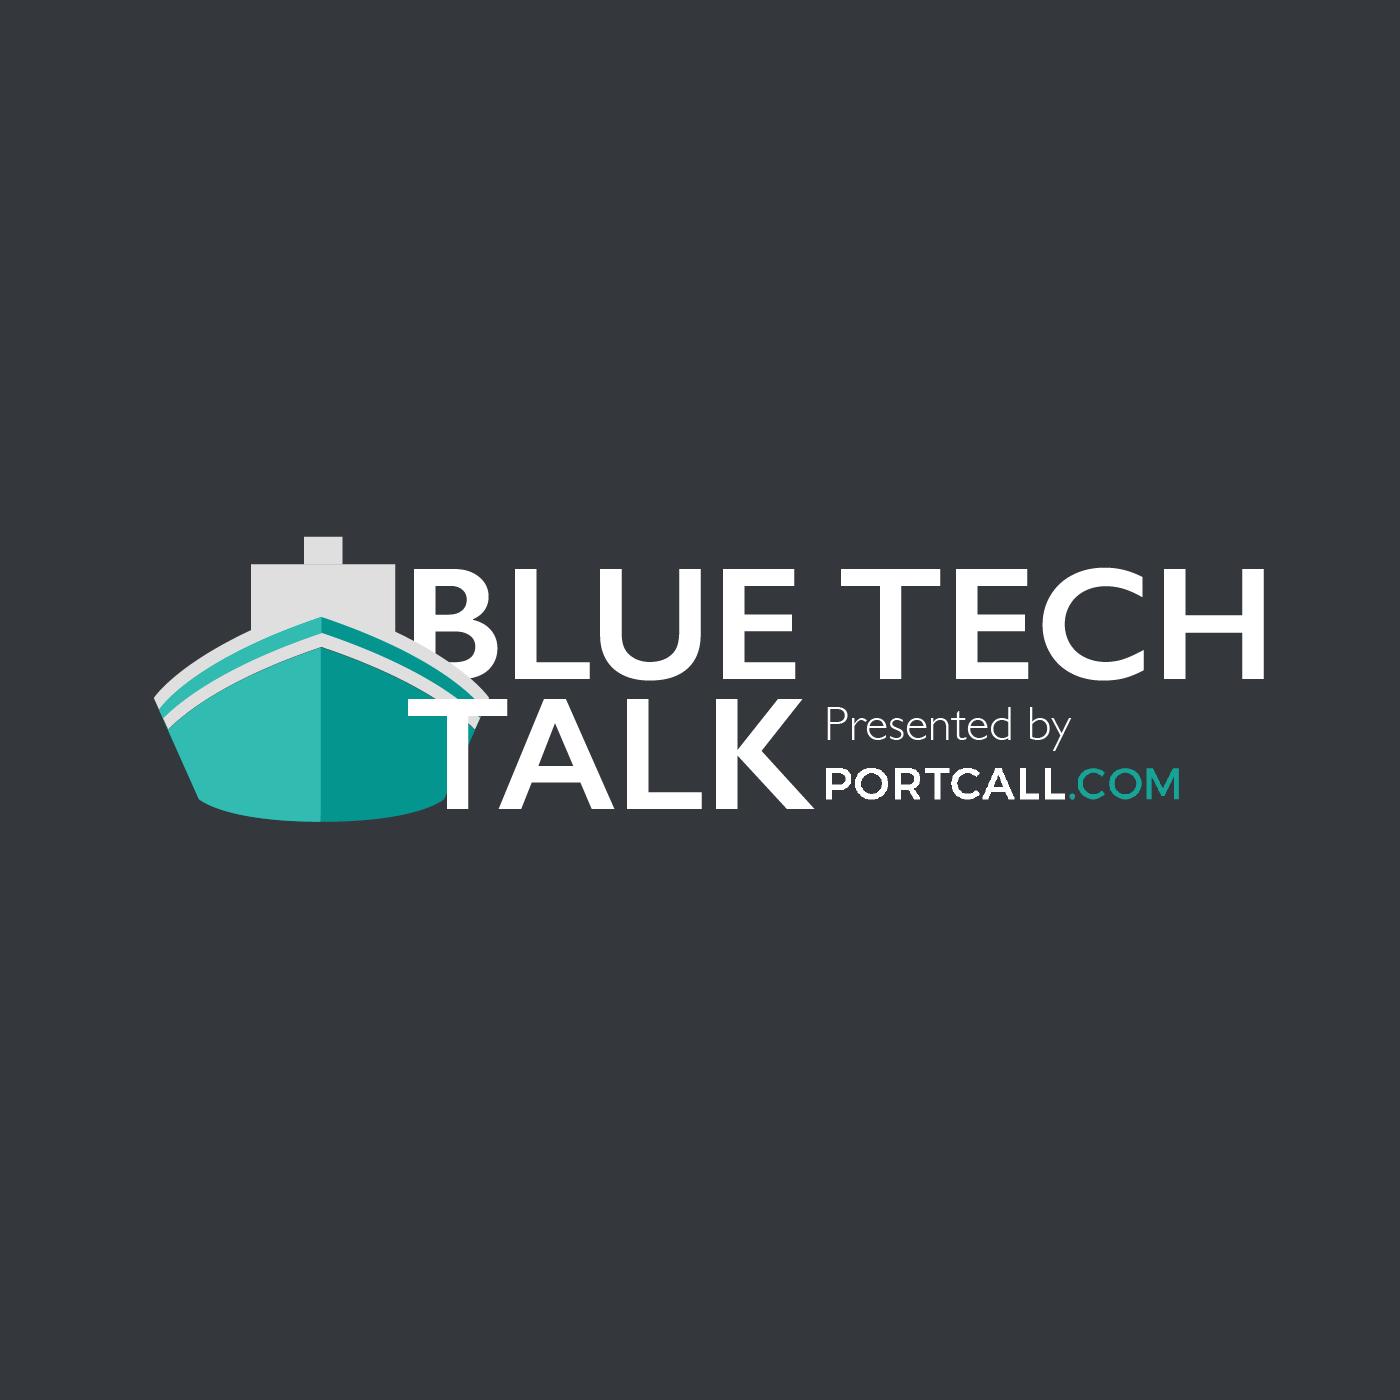 Blue Tech Talk